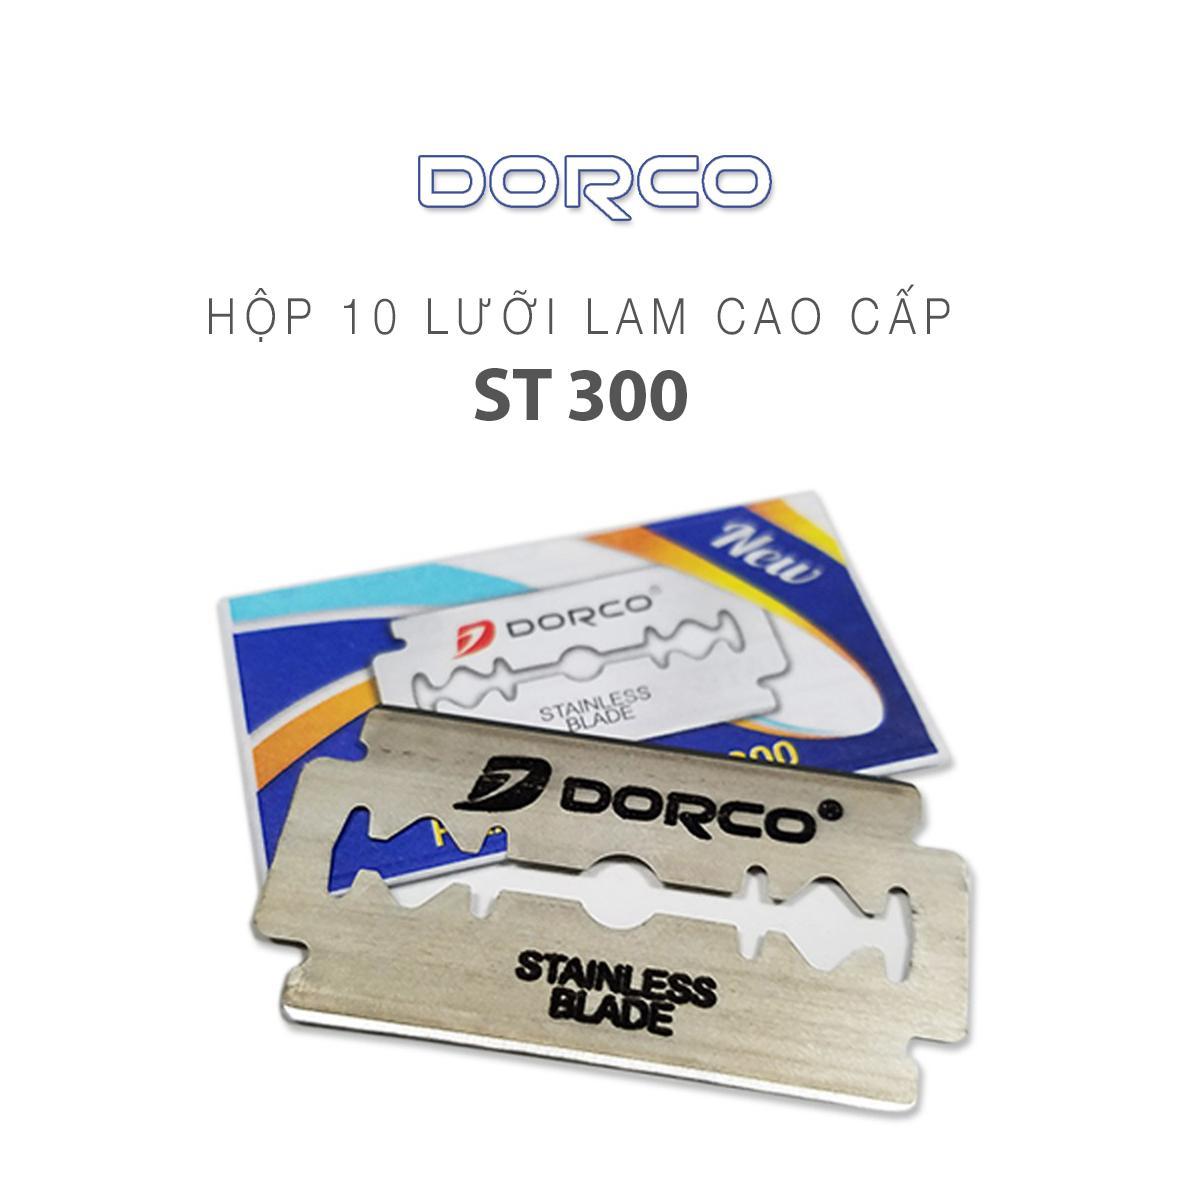 Hộp 100 lưỡi lam Dorco ST 300